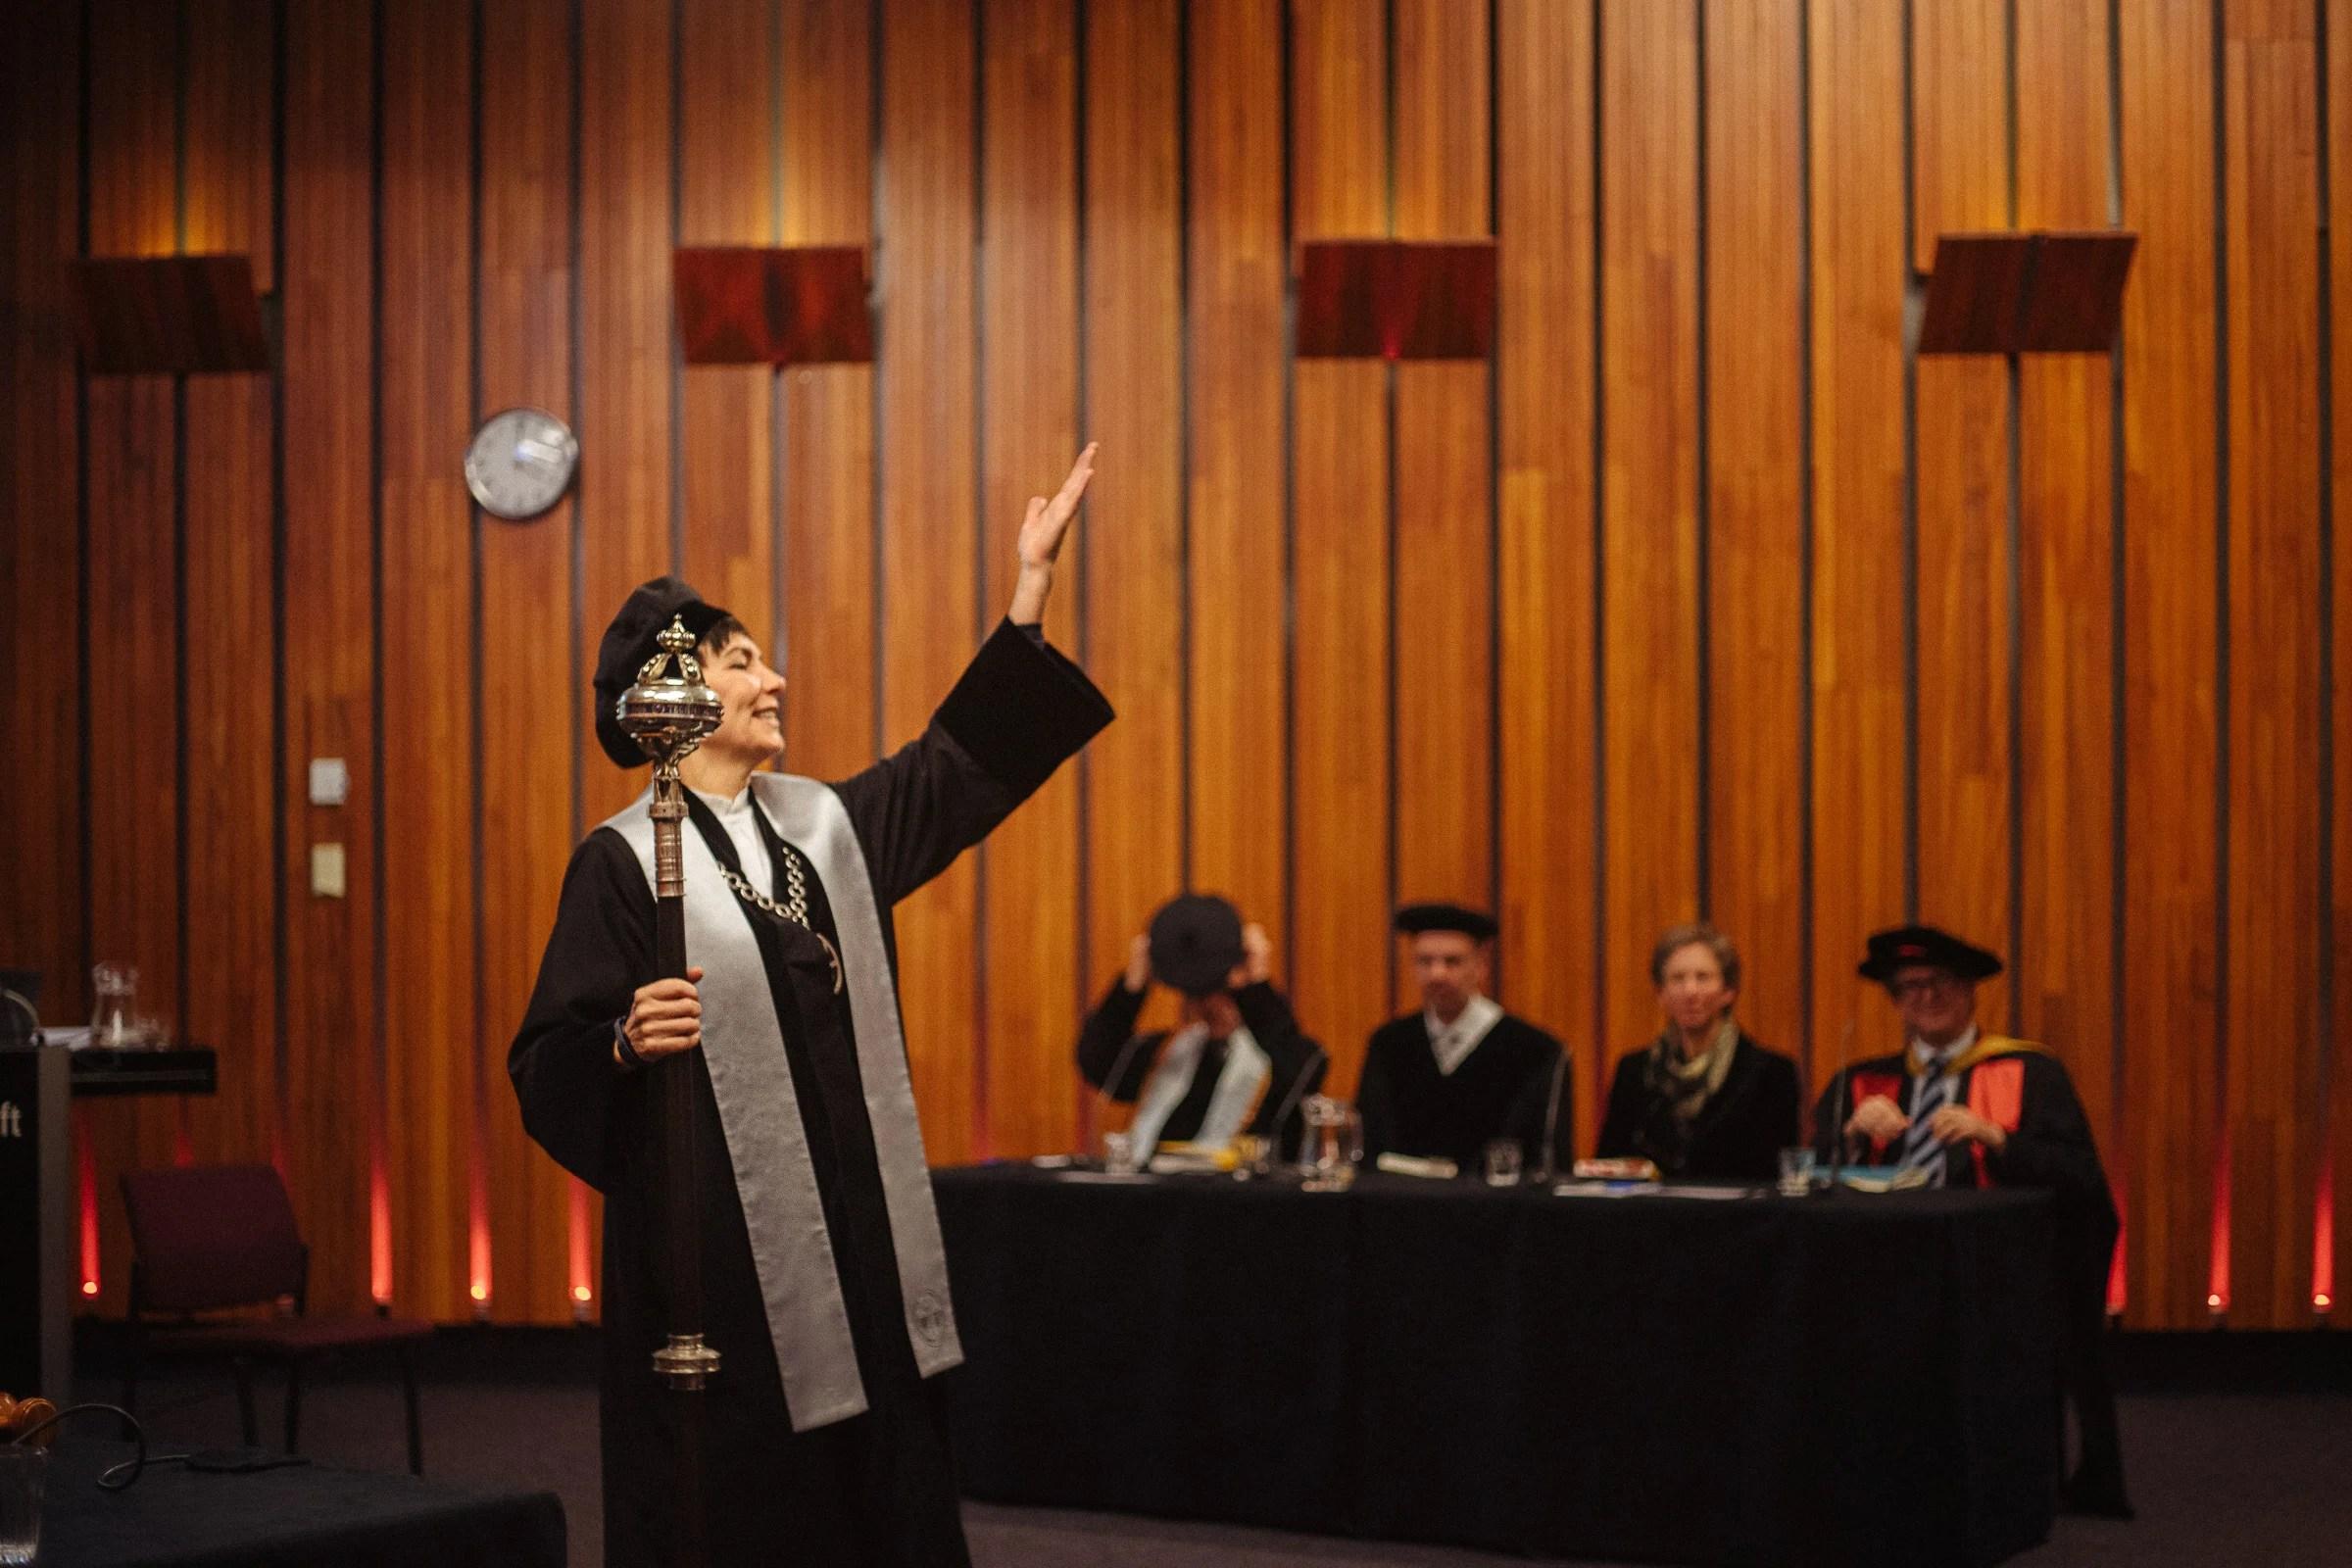 Inauguratie van een Doctor TU Delft